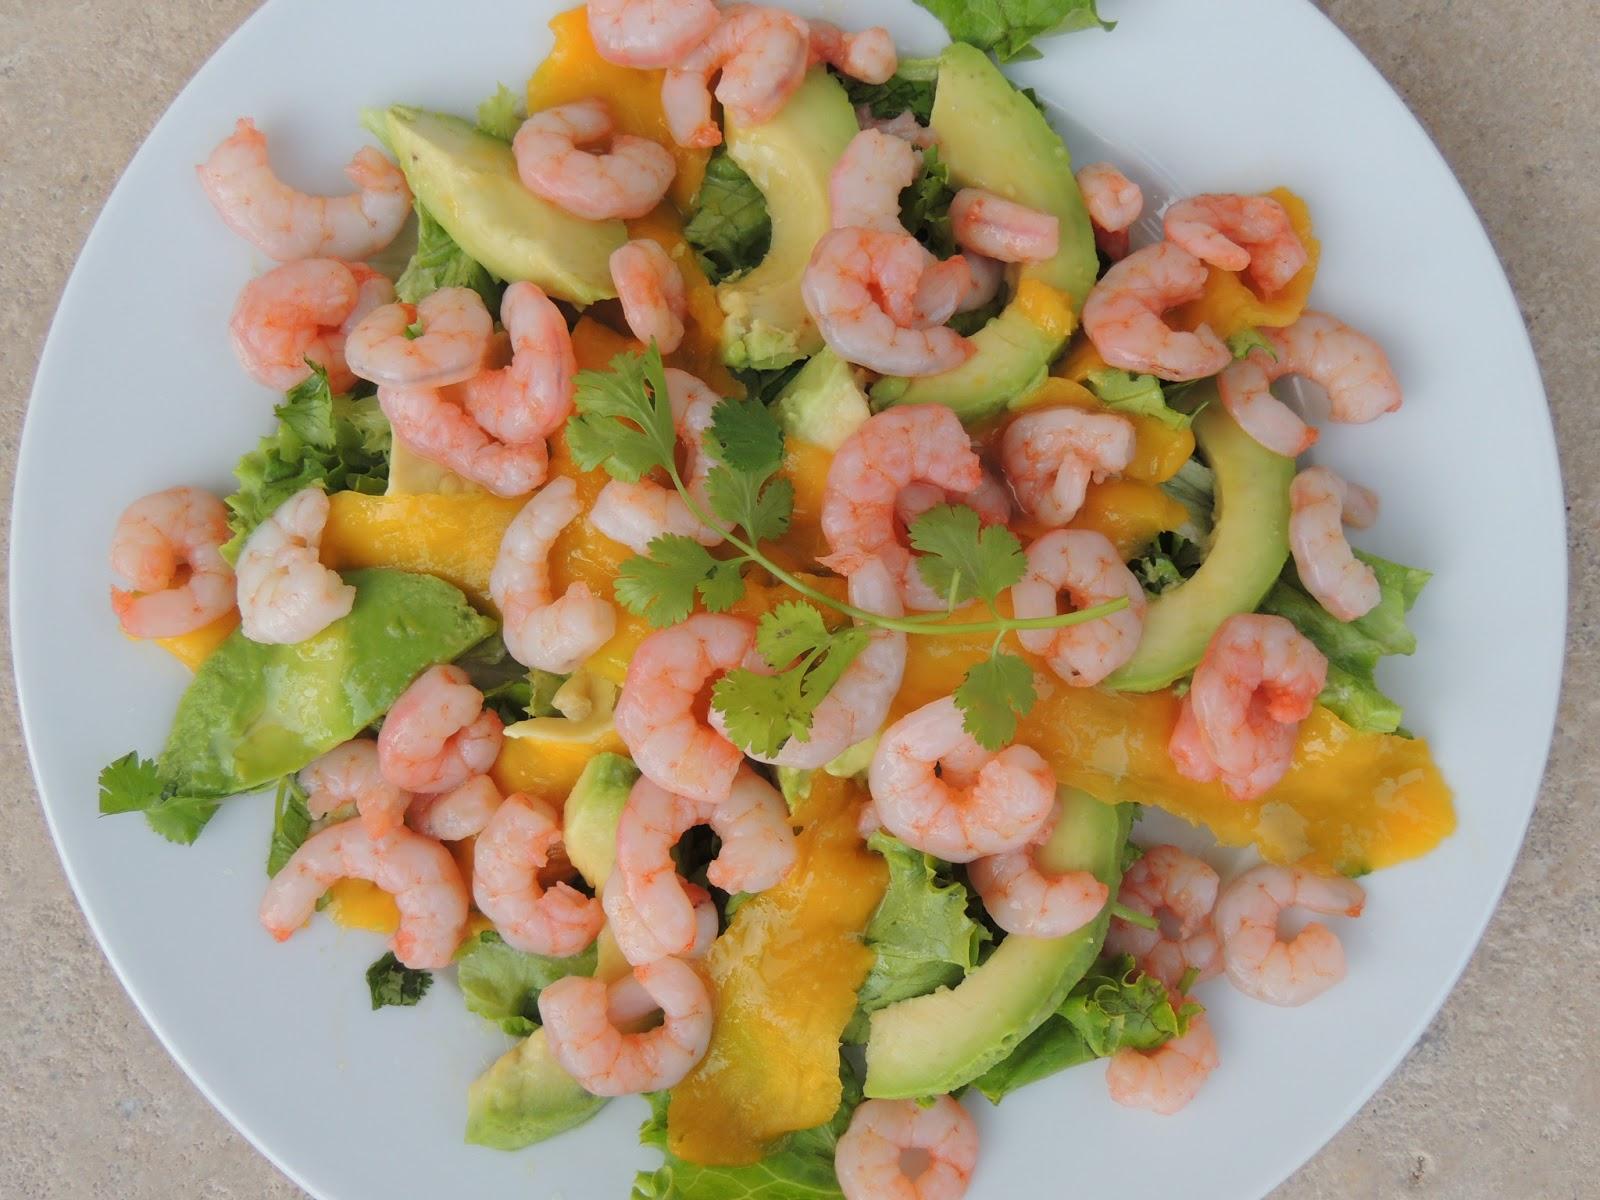 midi cuisine salade d 39 avocats crevettes et mangues recette l g re. Black Bedroom Furniture Sets. Home Design Ideas